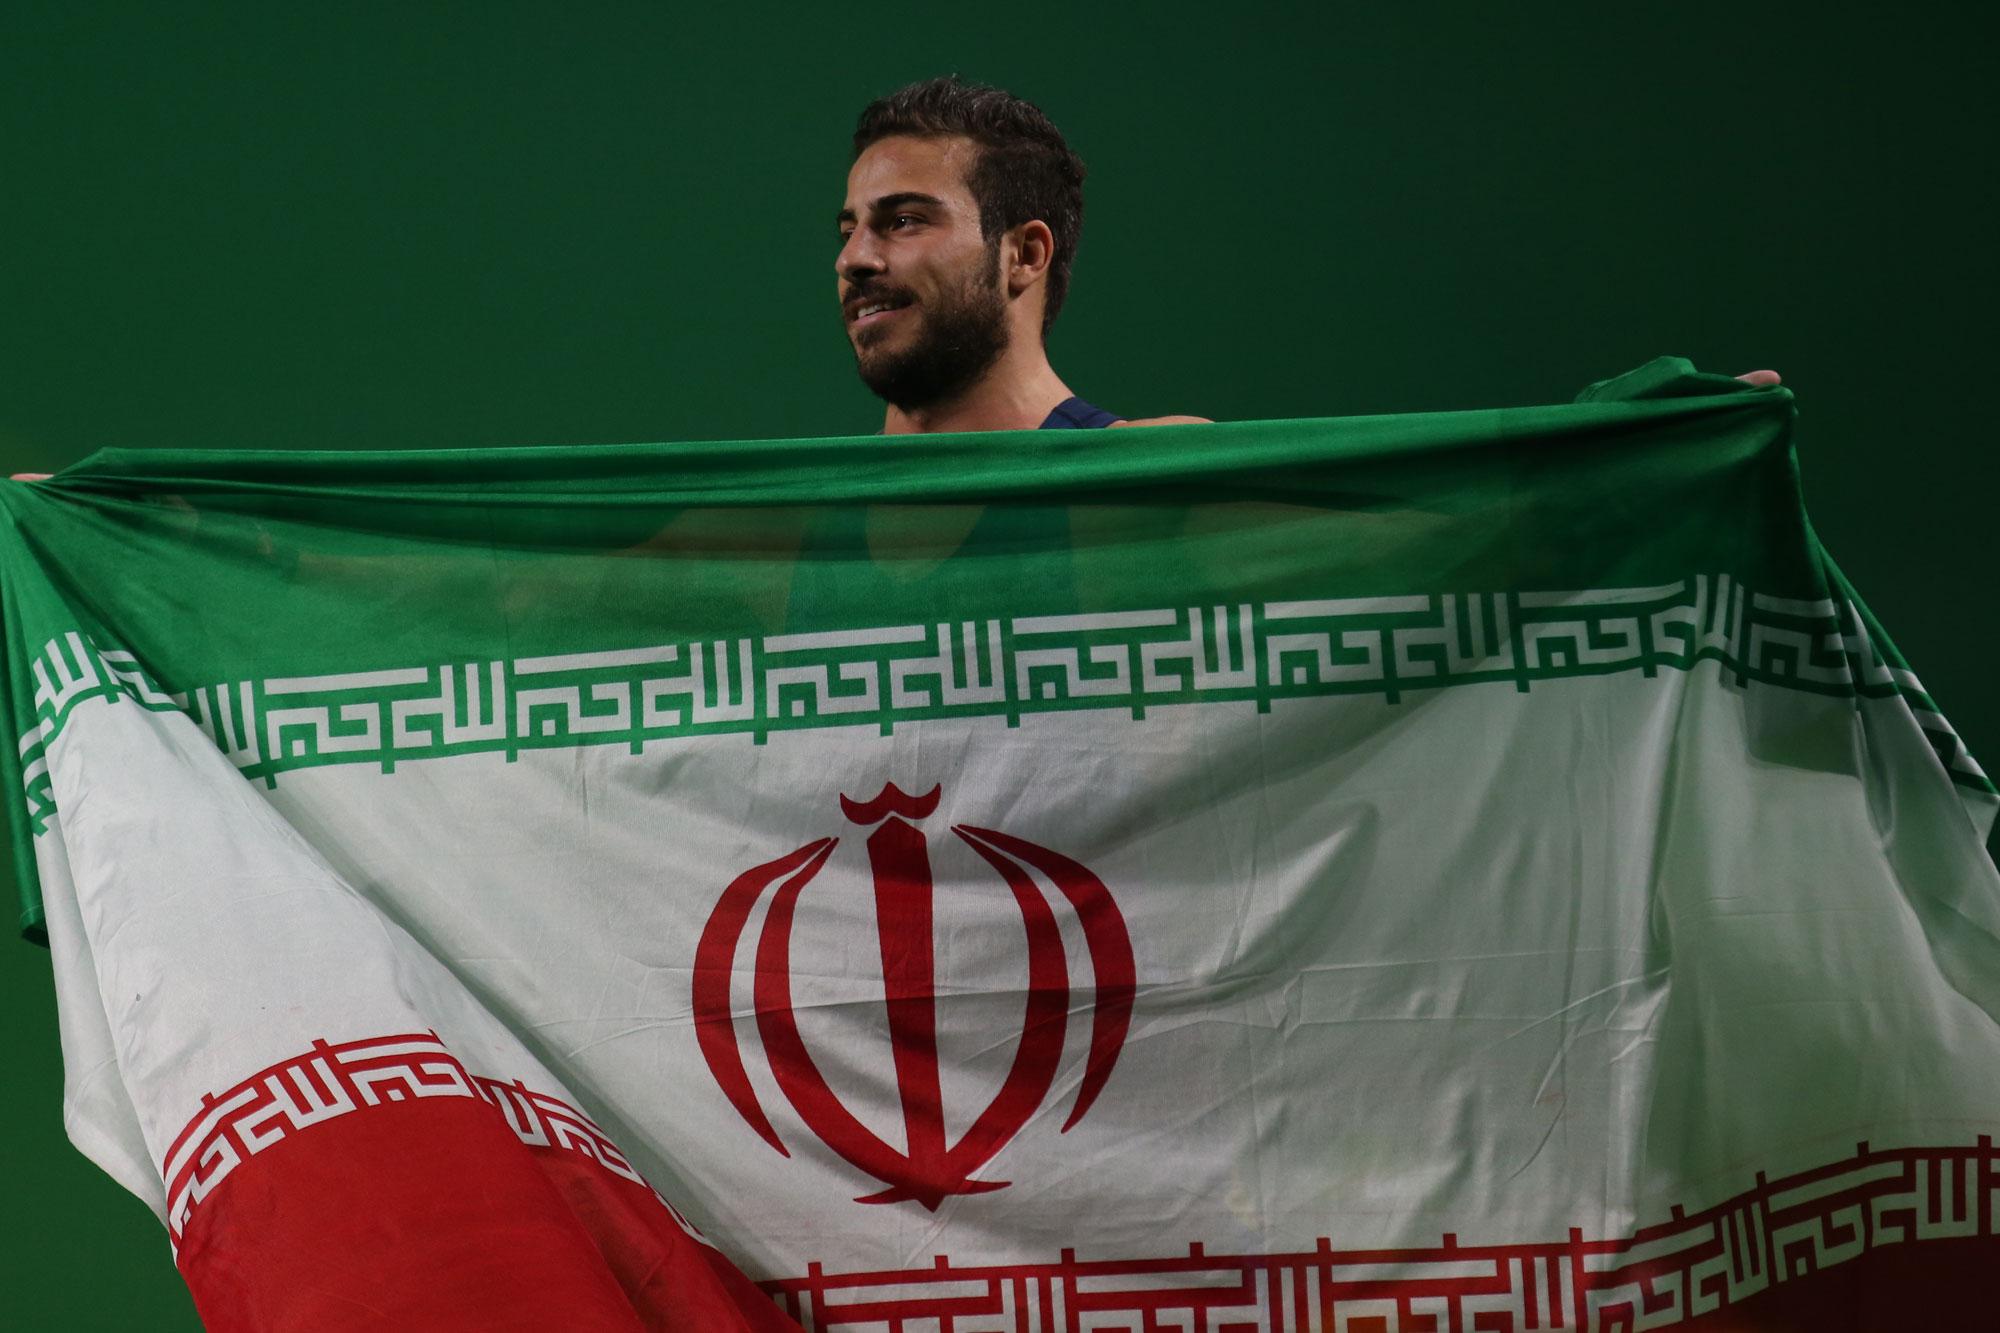 ایران المپیک را با 8 مدال و رتبه 25 به پایان رساند(+جدول)